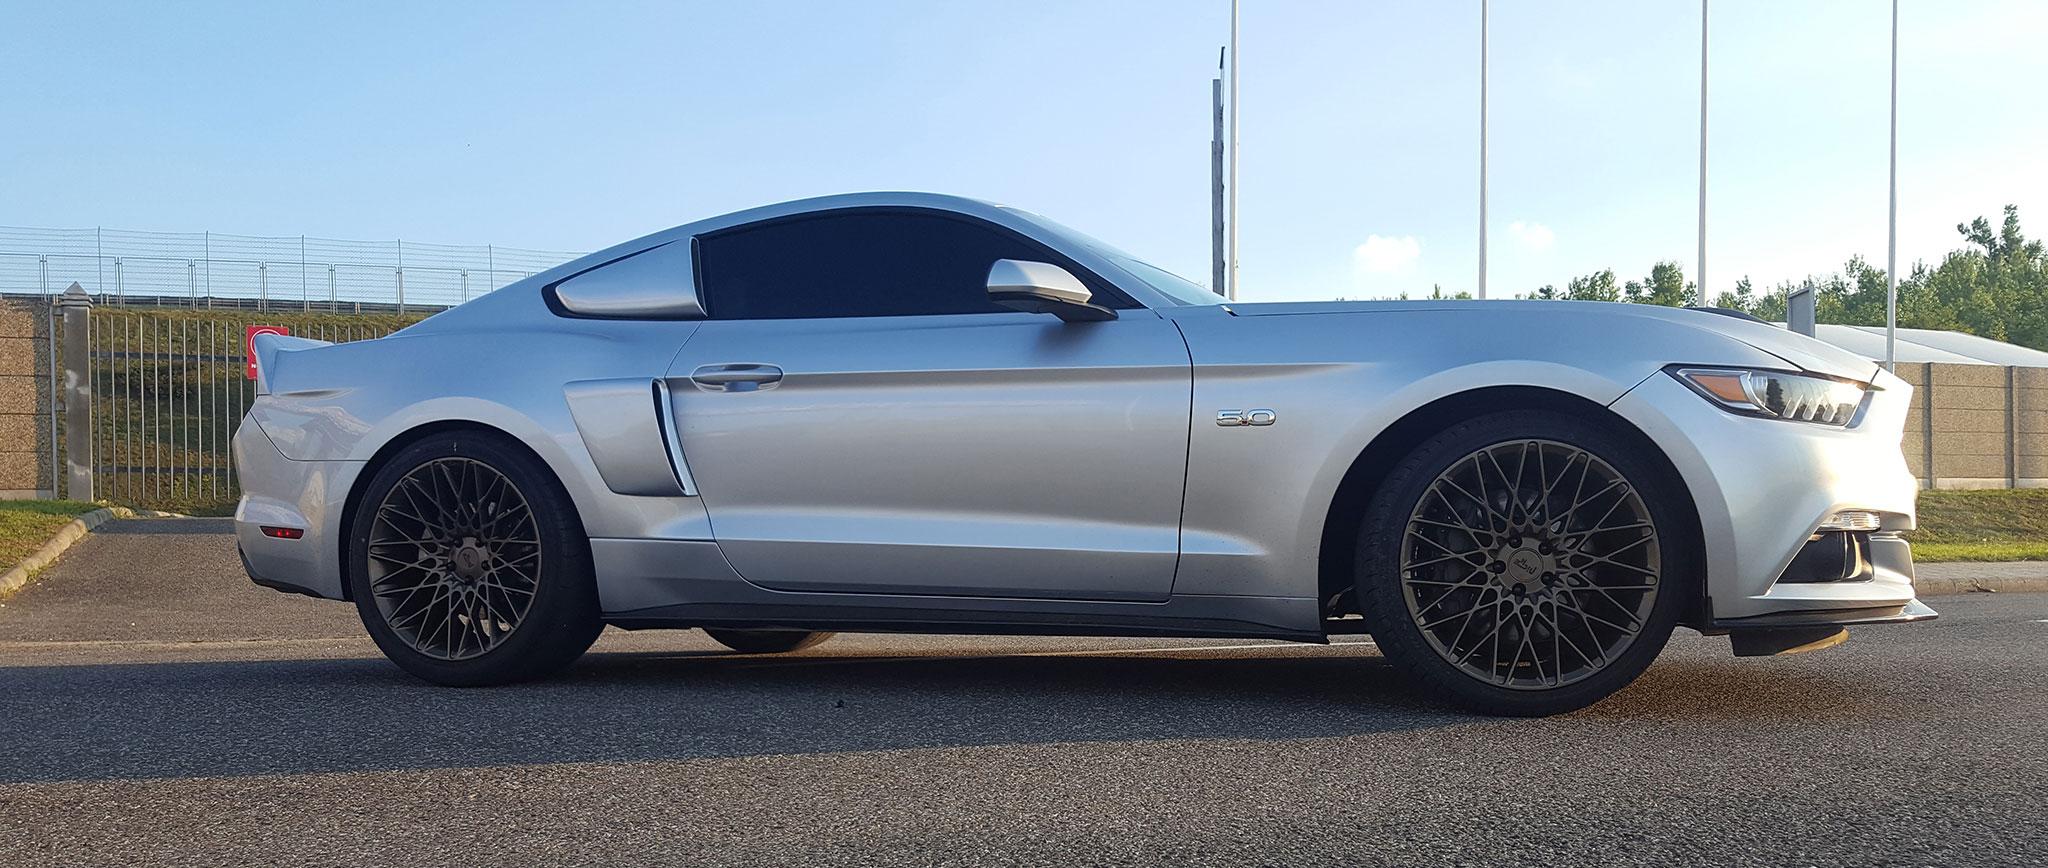 Amerikai Izomautó csomag, Dodge-Camaro-Mustang élményvezetés a Kakucsringen